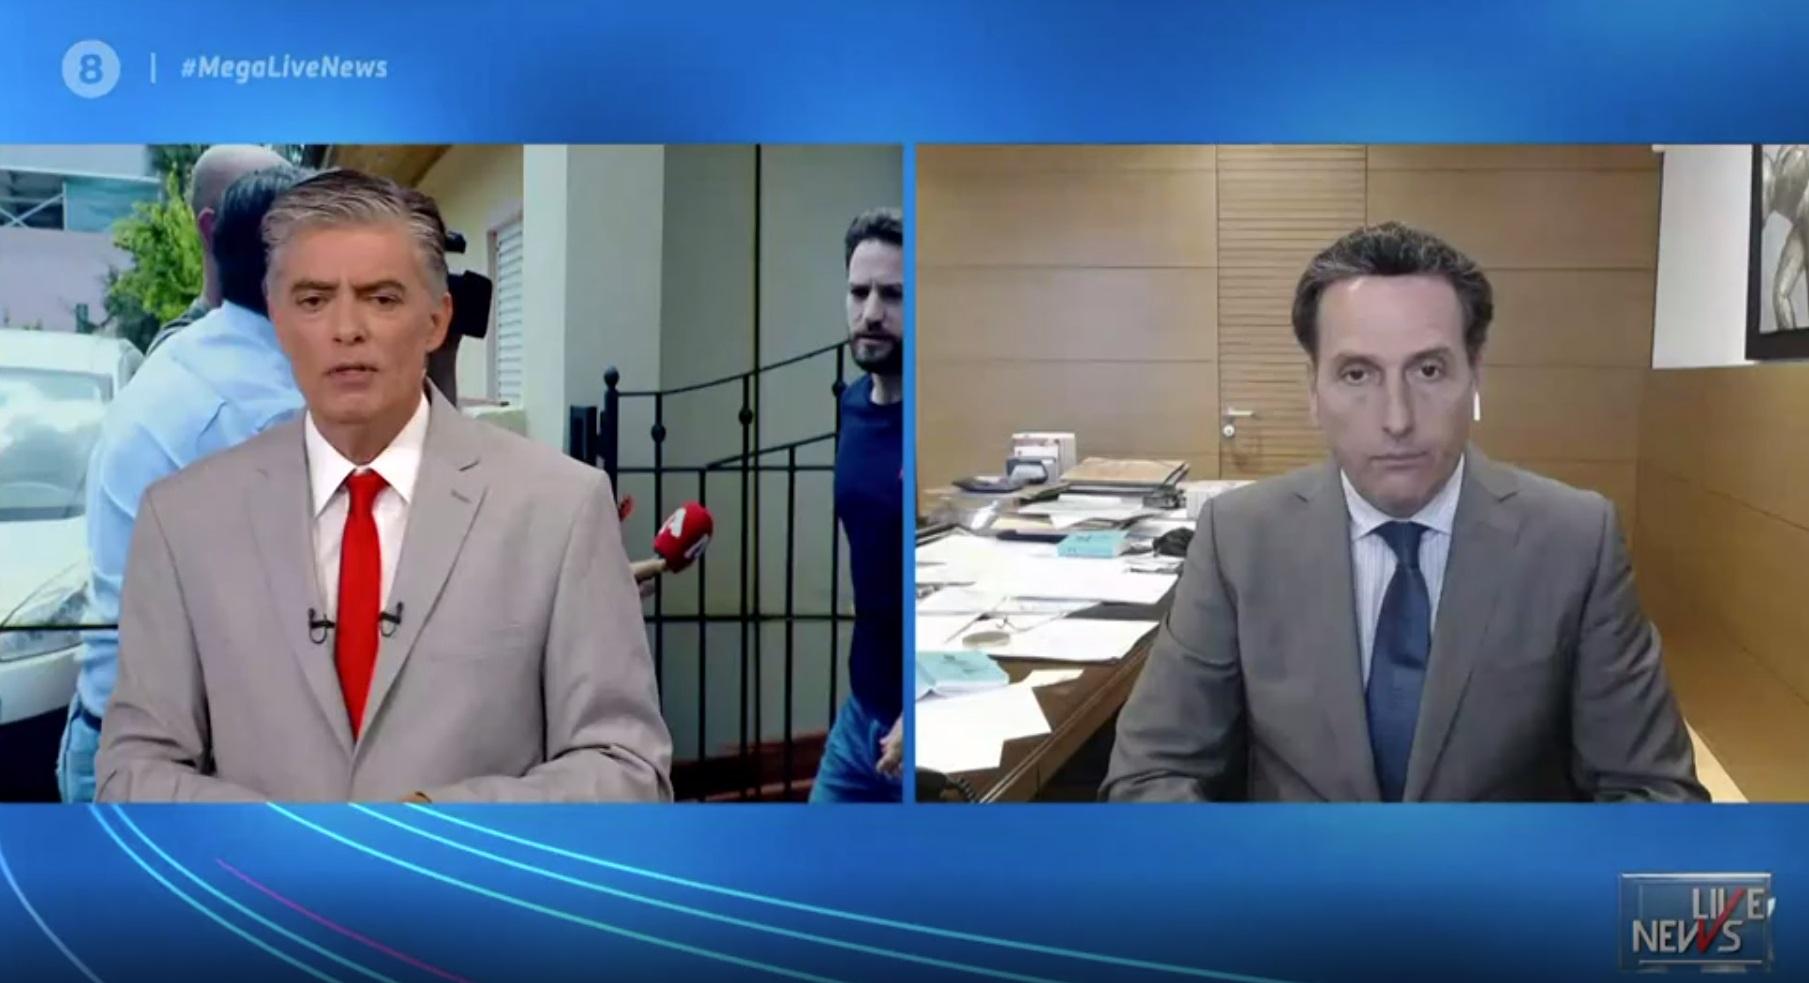 Δημητρακόπουλος για Γλυκά Νερά: «Ο πιλότος θα μείνει λίγα χρόνια στη φυλακή αν του αναγνωριστούν ελαφρυντικά»